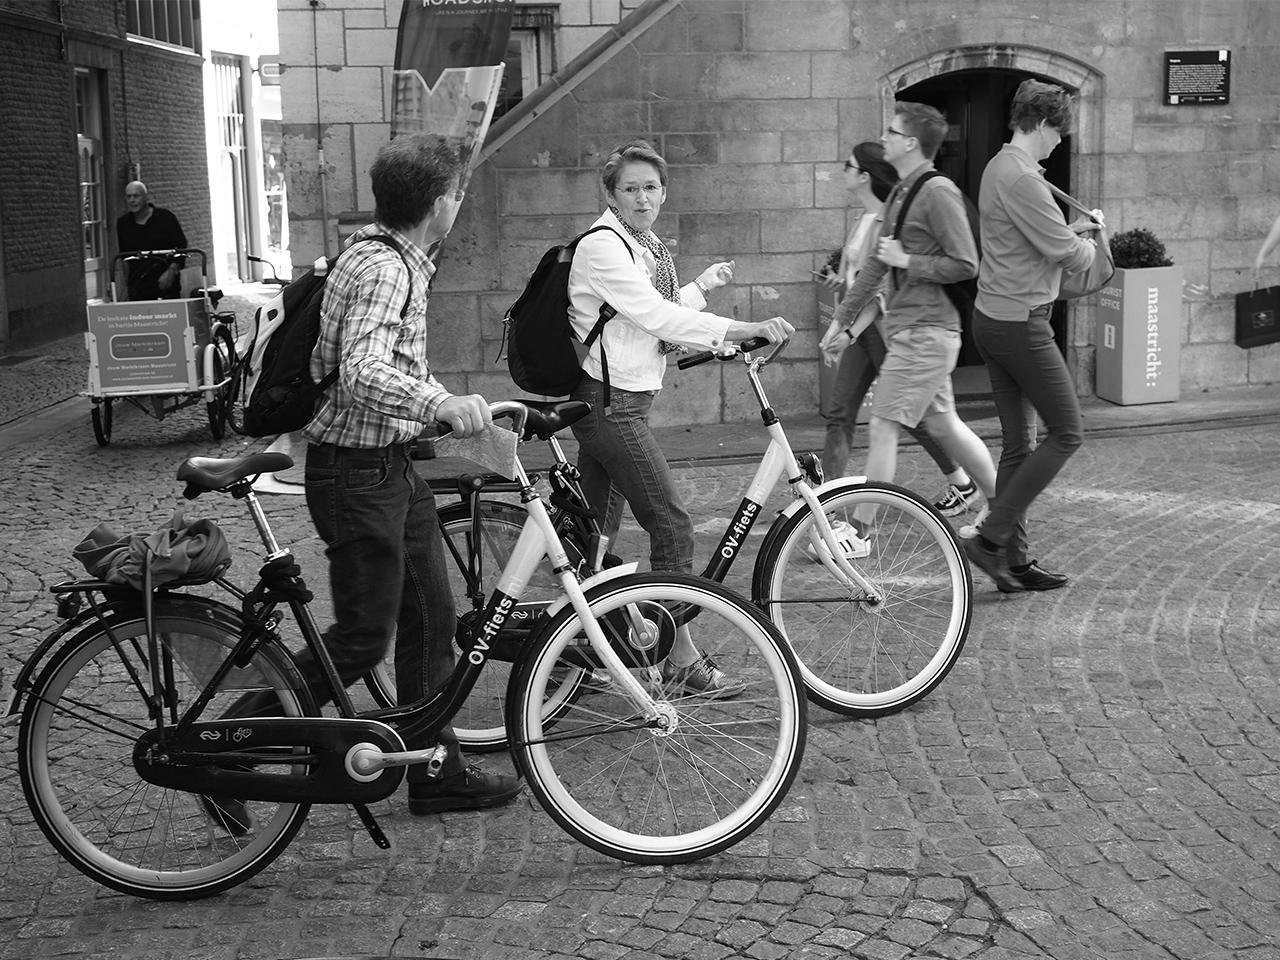 Sokak Fotoğrafçılığı ne bu kadar popüler